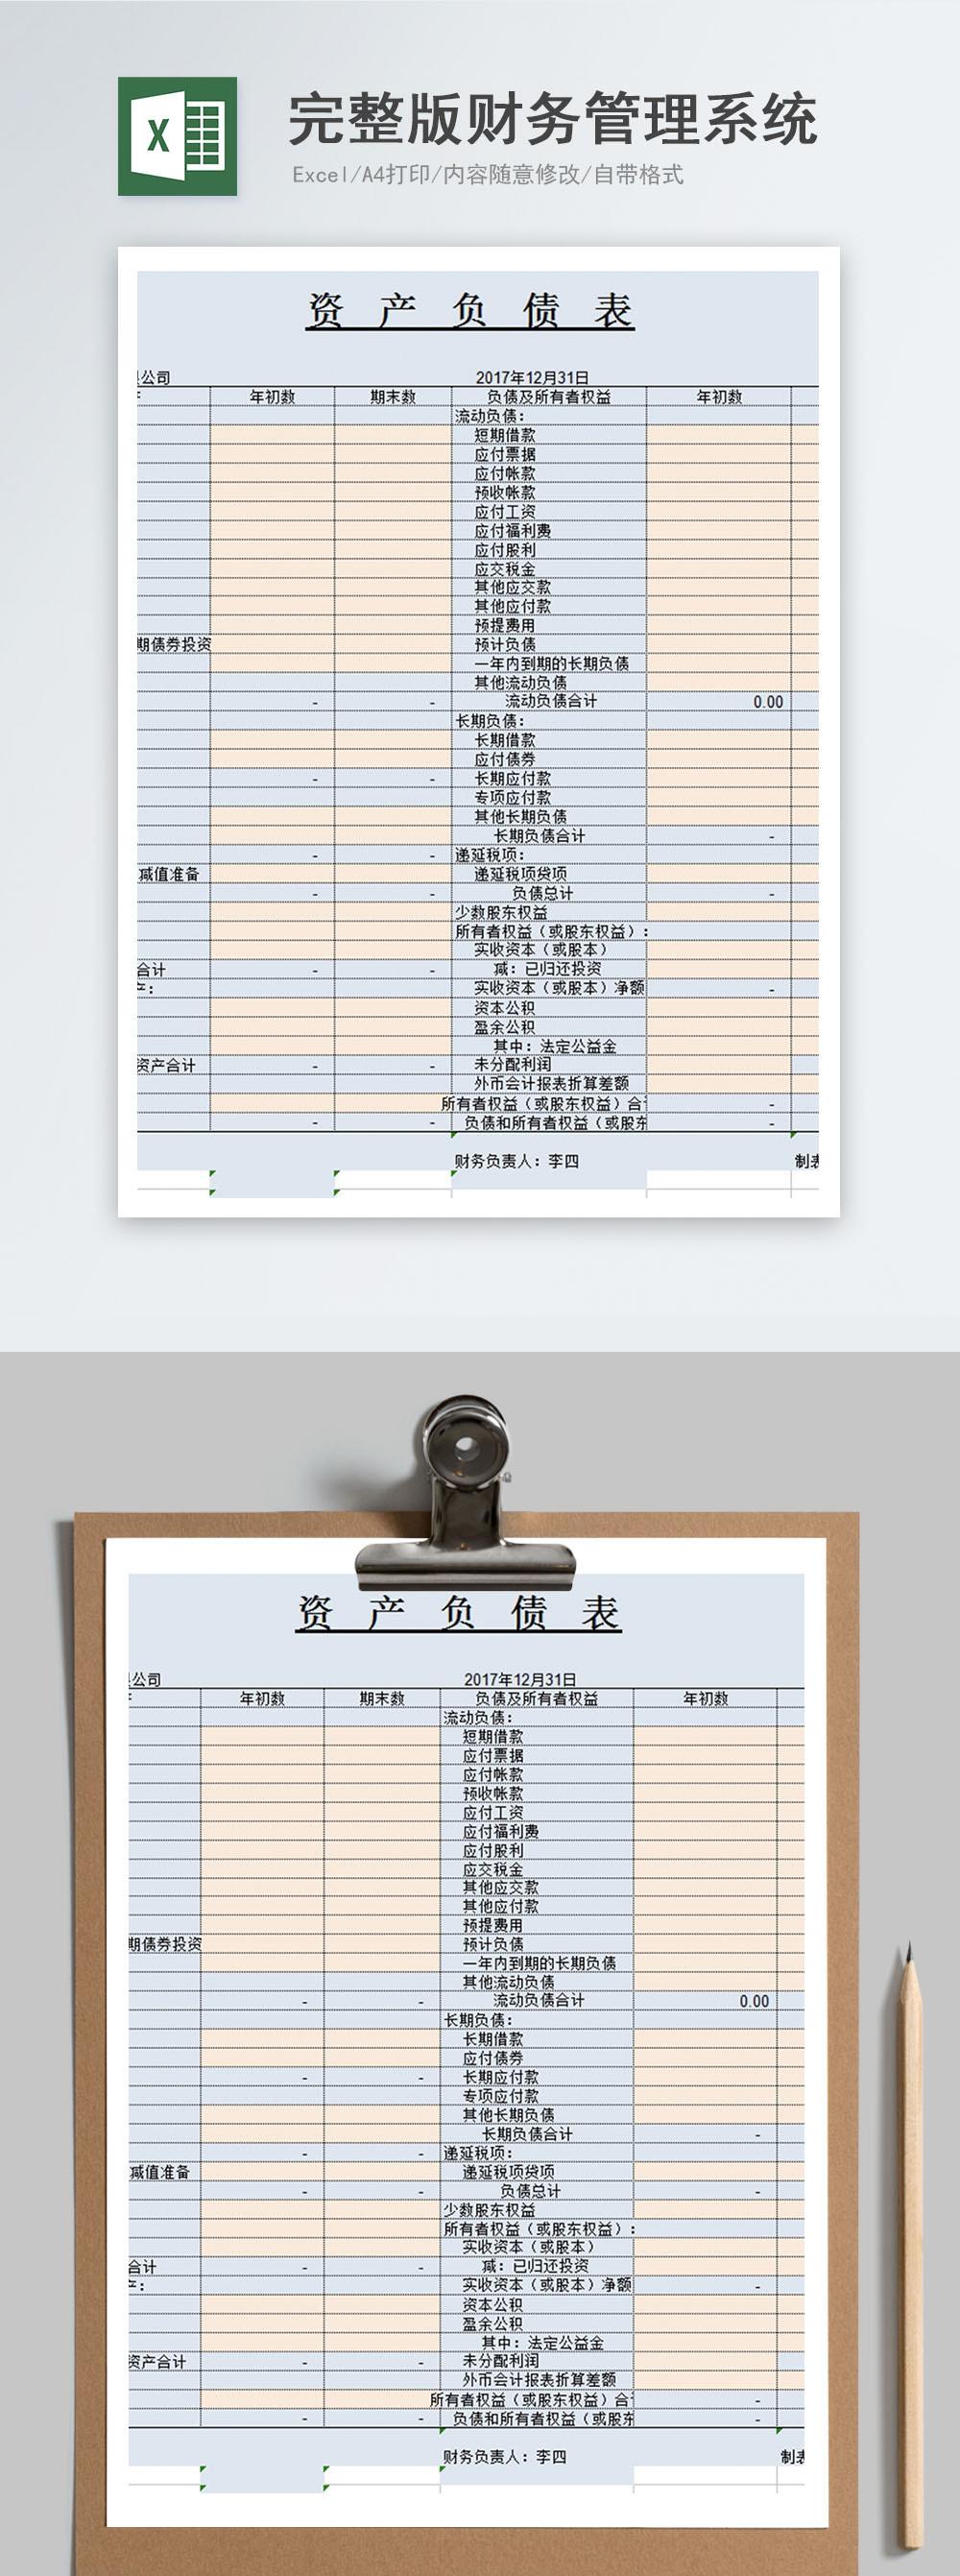 完整版财务管理系统Excel模板图片